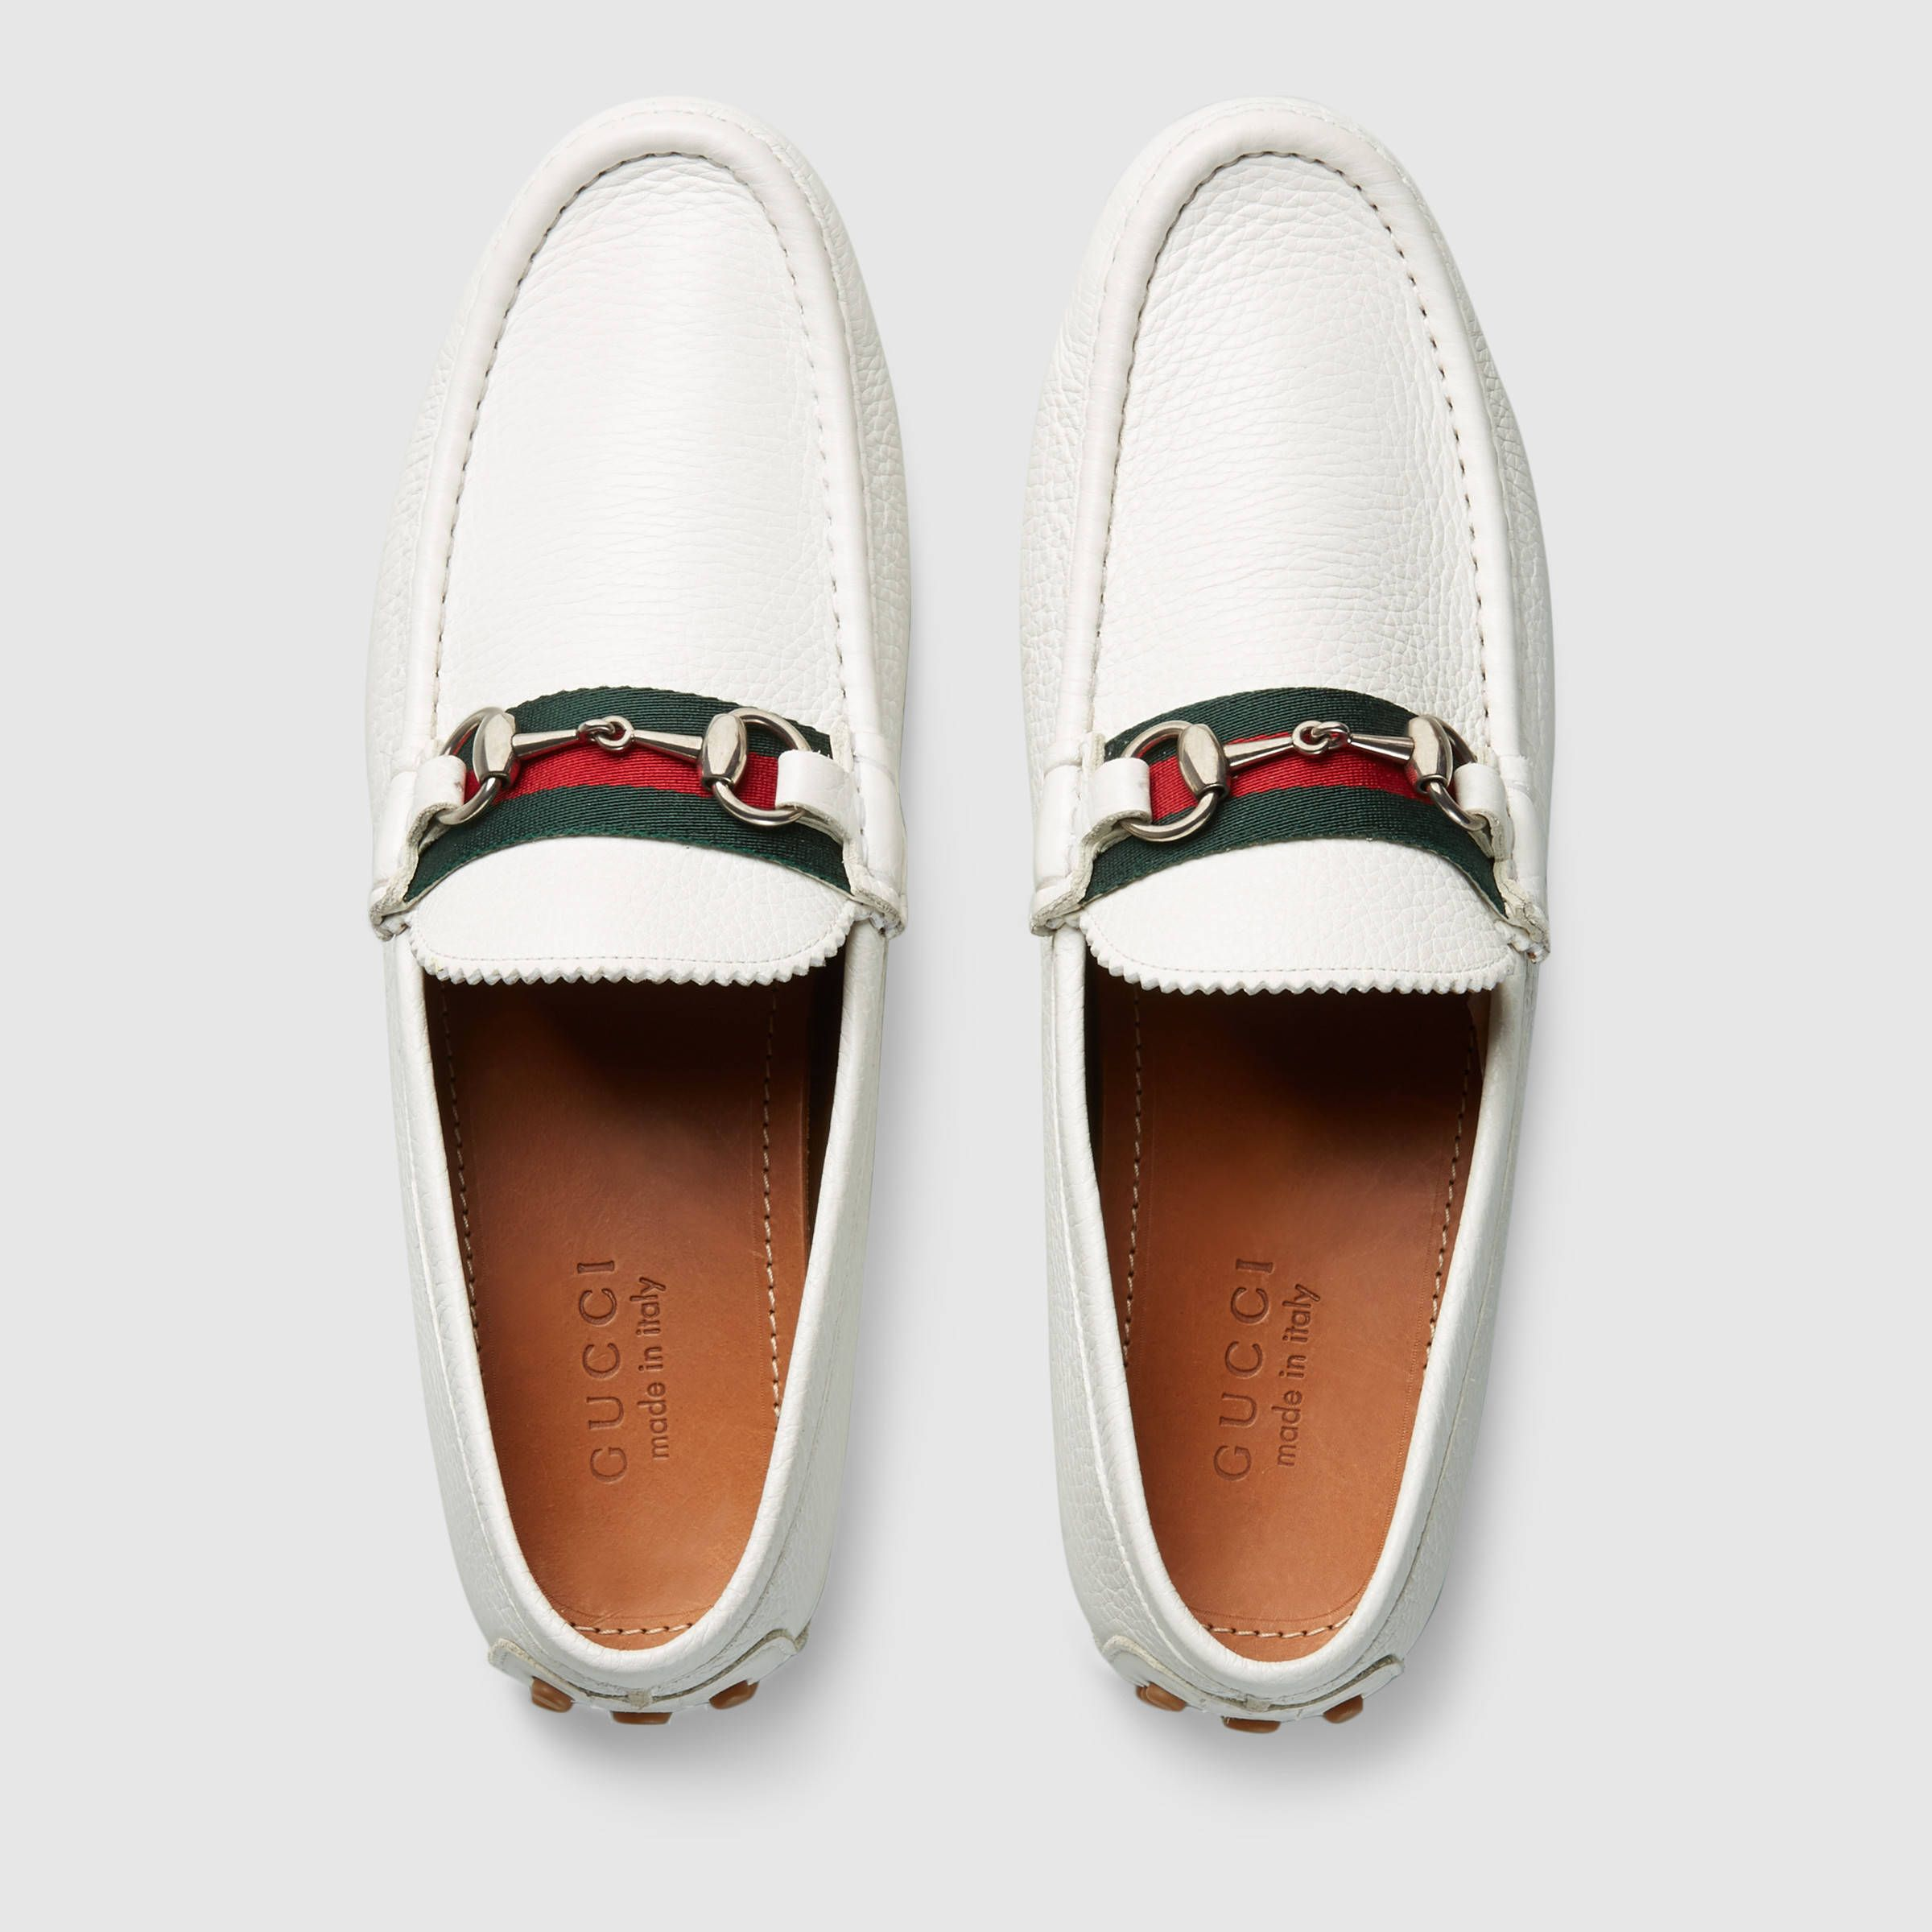 6be9ccd0 Gucci Men's Horsebit leather driver Detail 3 | shoes | Gucci men ...